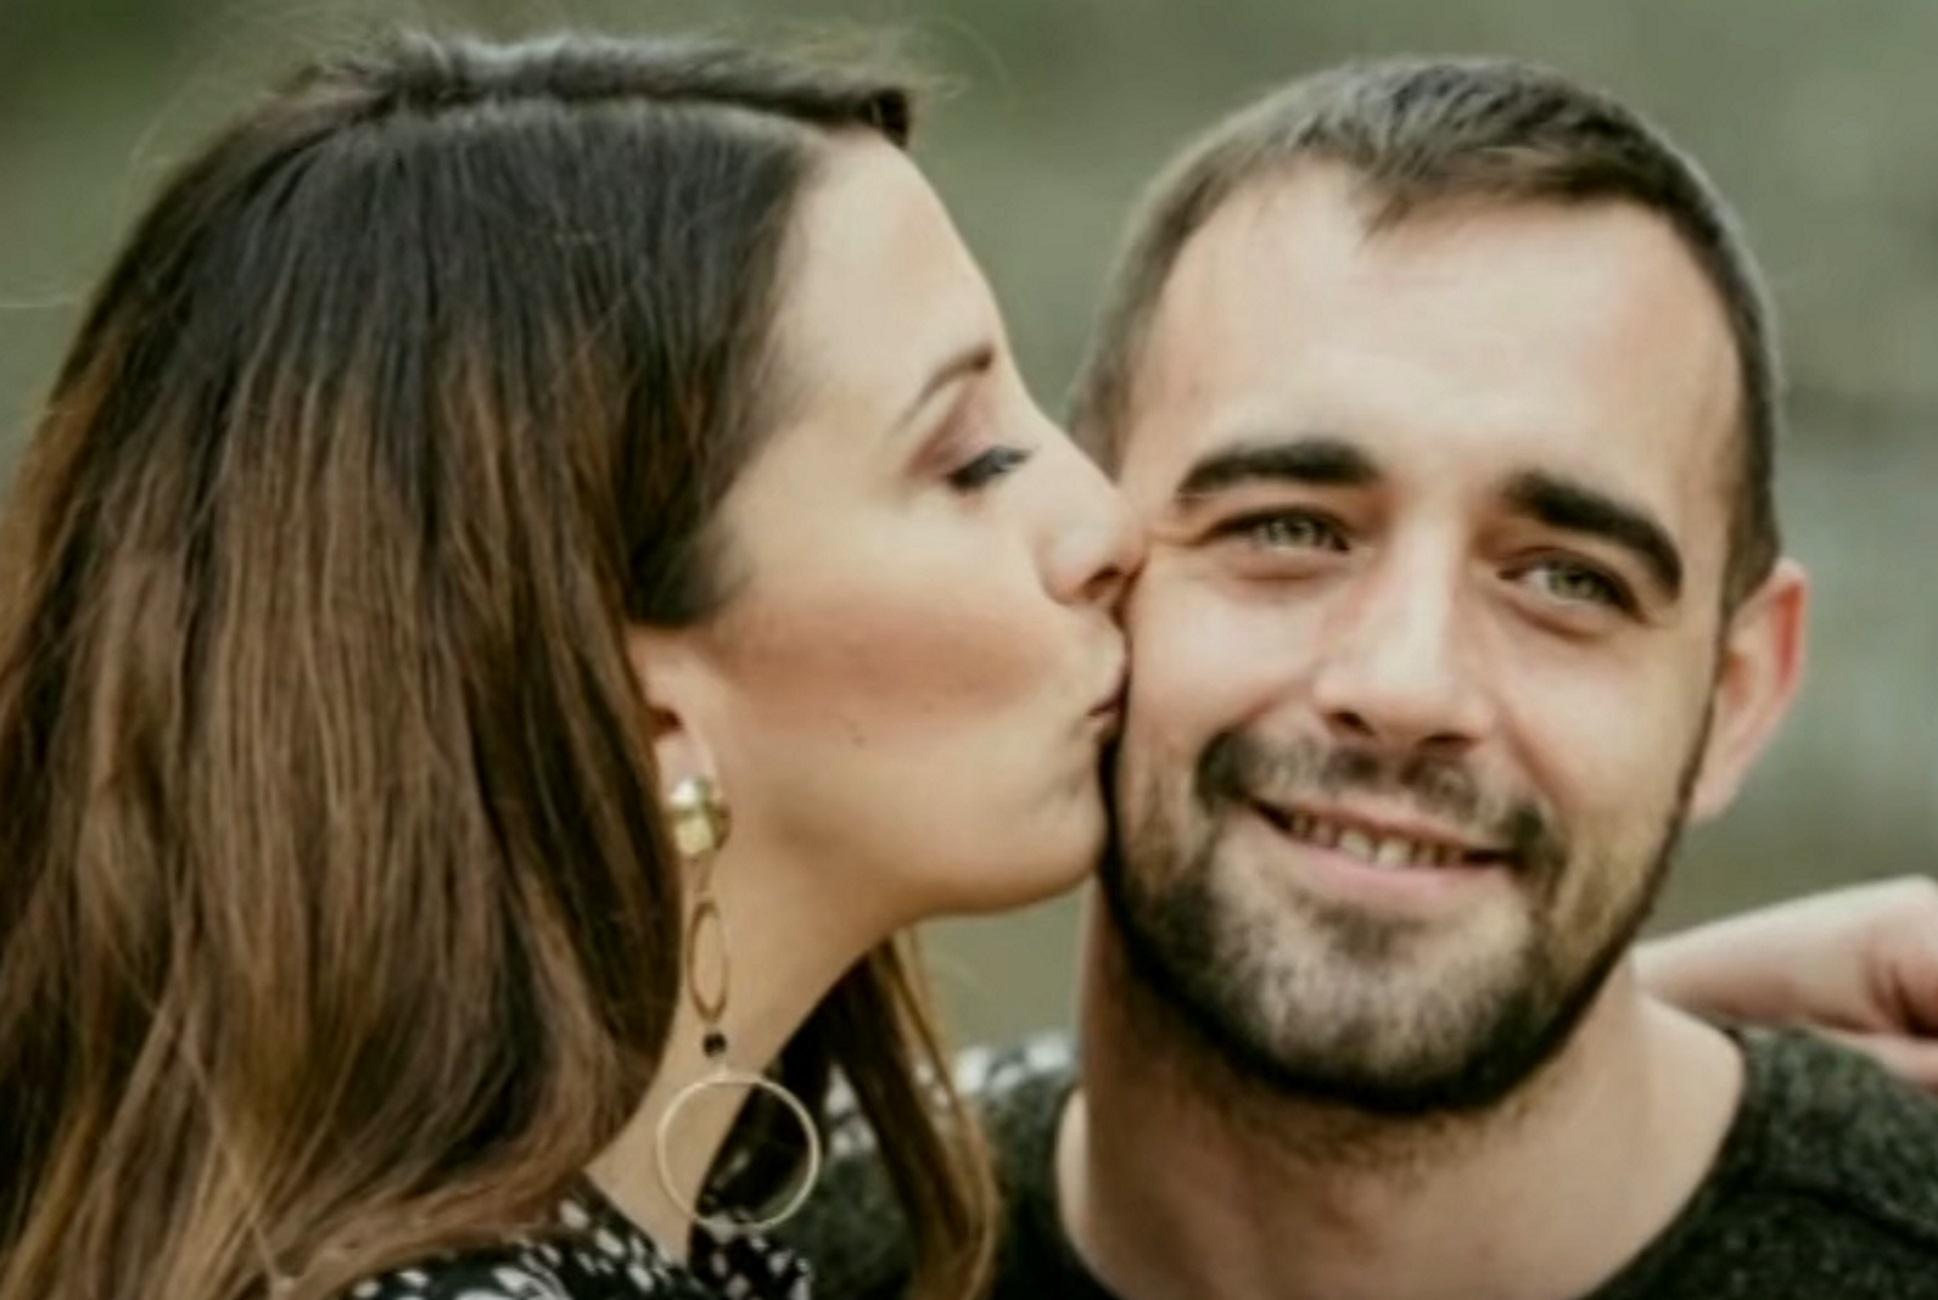 Γιάννενα: Σκοτώθηκε σε τροχαίο ένα χρόνο μετά το γάμο του – «Το διπλό εγκληματικό λάθος που έγινε»